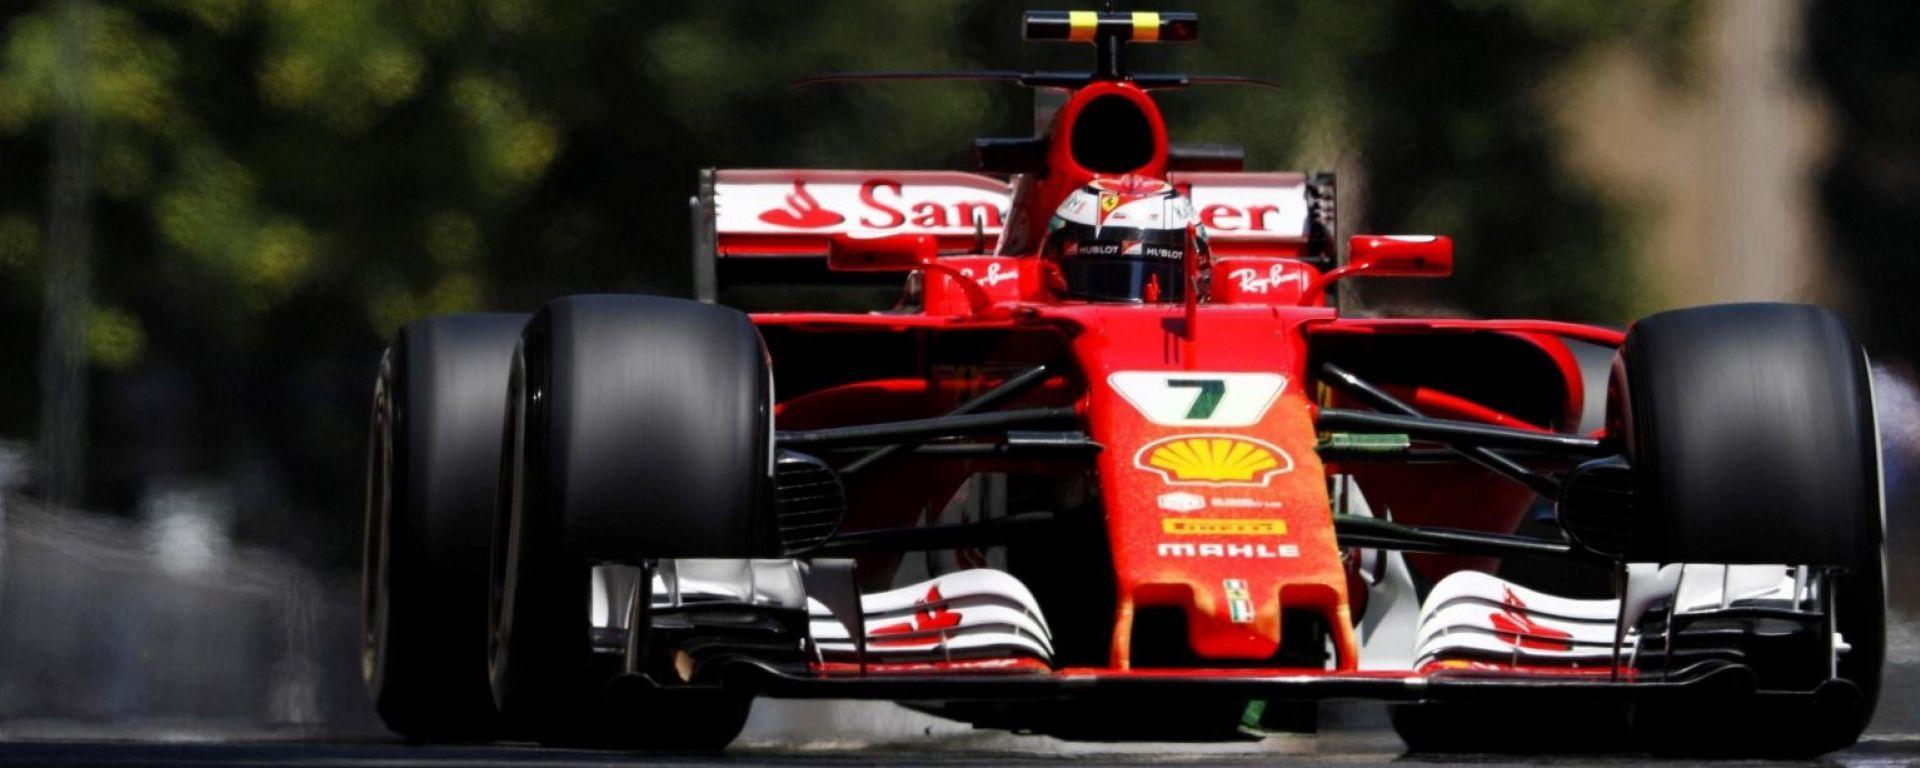 Kimi Raikkonen - F1 2017, Circuito Baku